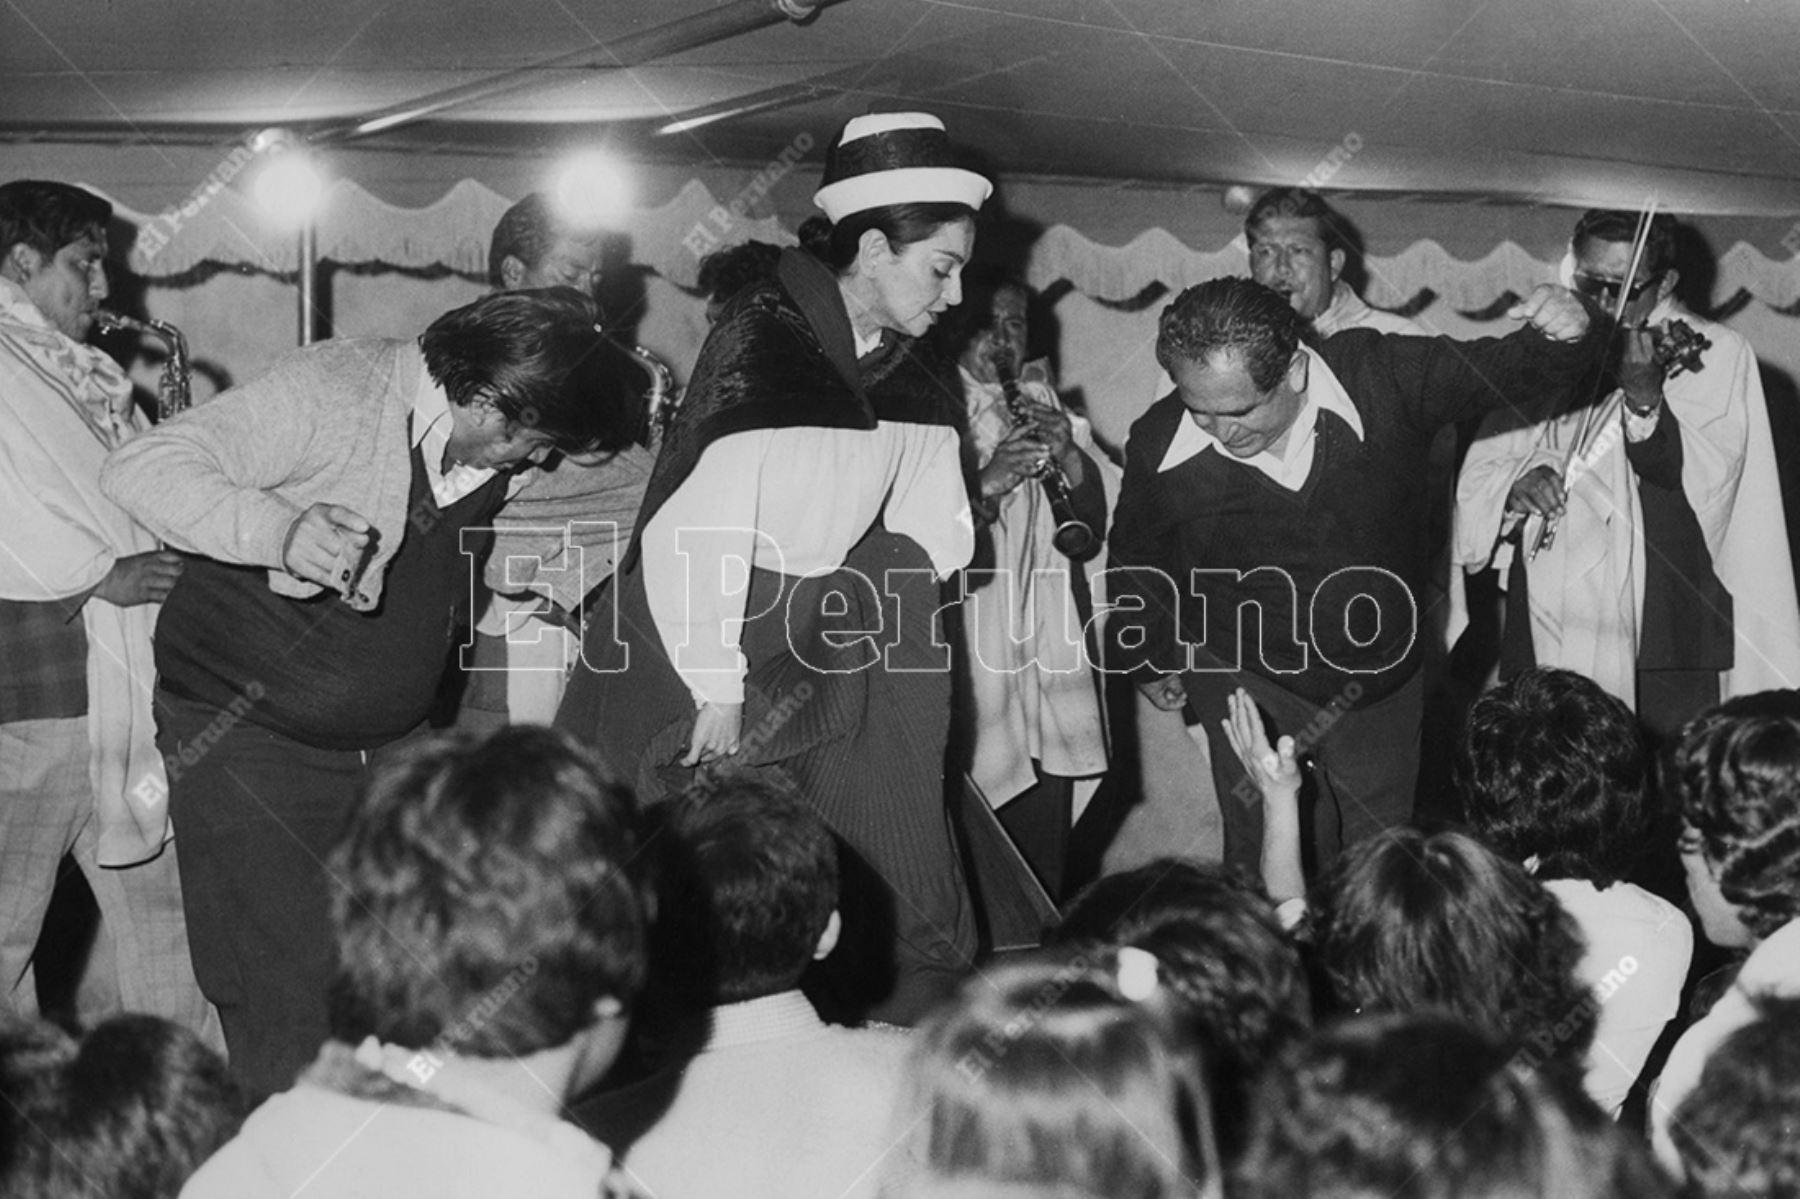 Lima - Década 70. Alicia Maguiña con traje típico del centro del Perú bailando un huayno durante una de sus presentaciones. Foto: Archivo Histórico de El Peruano